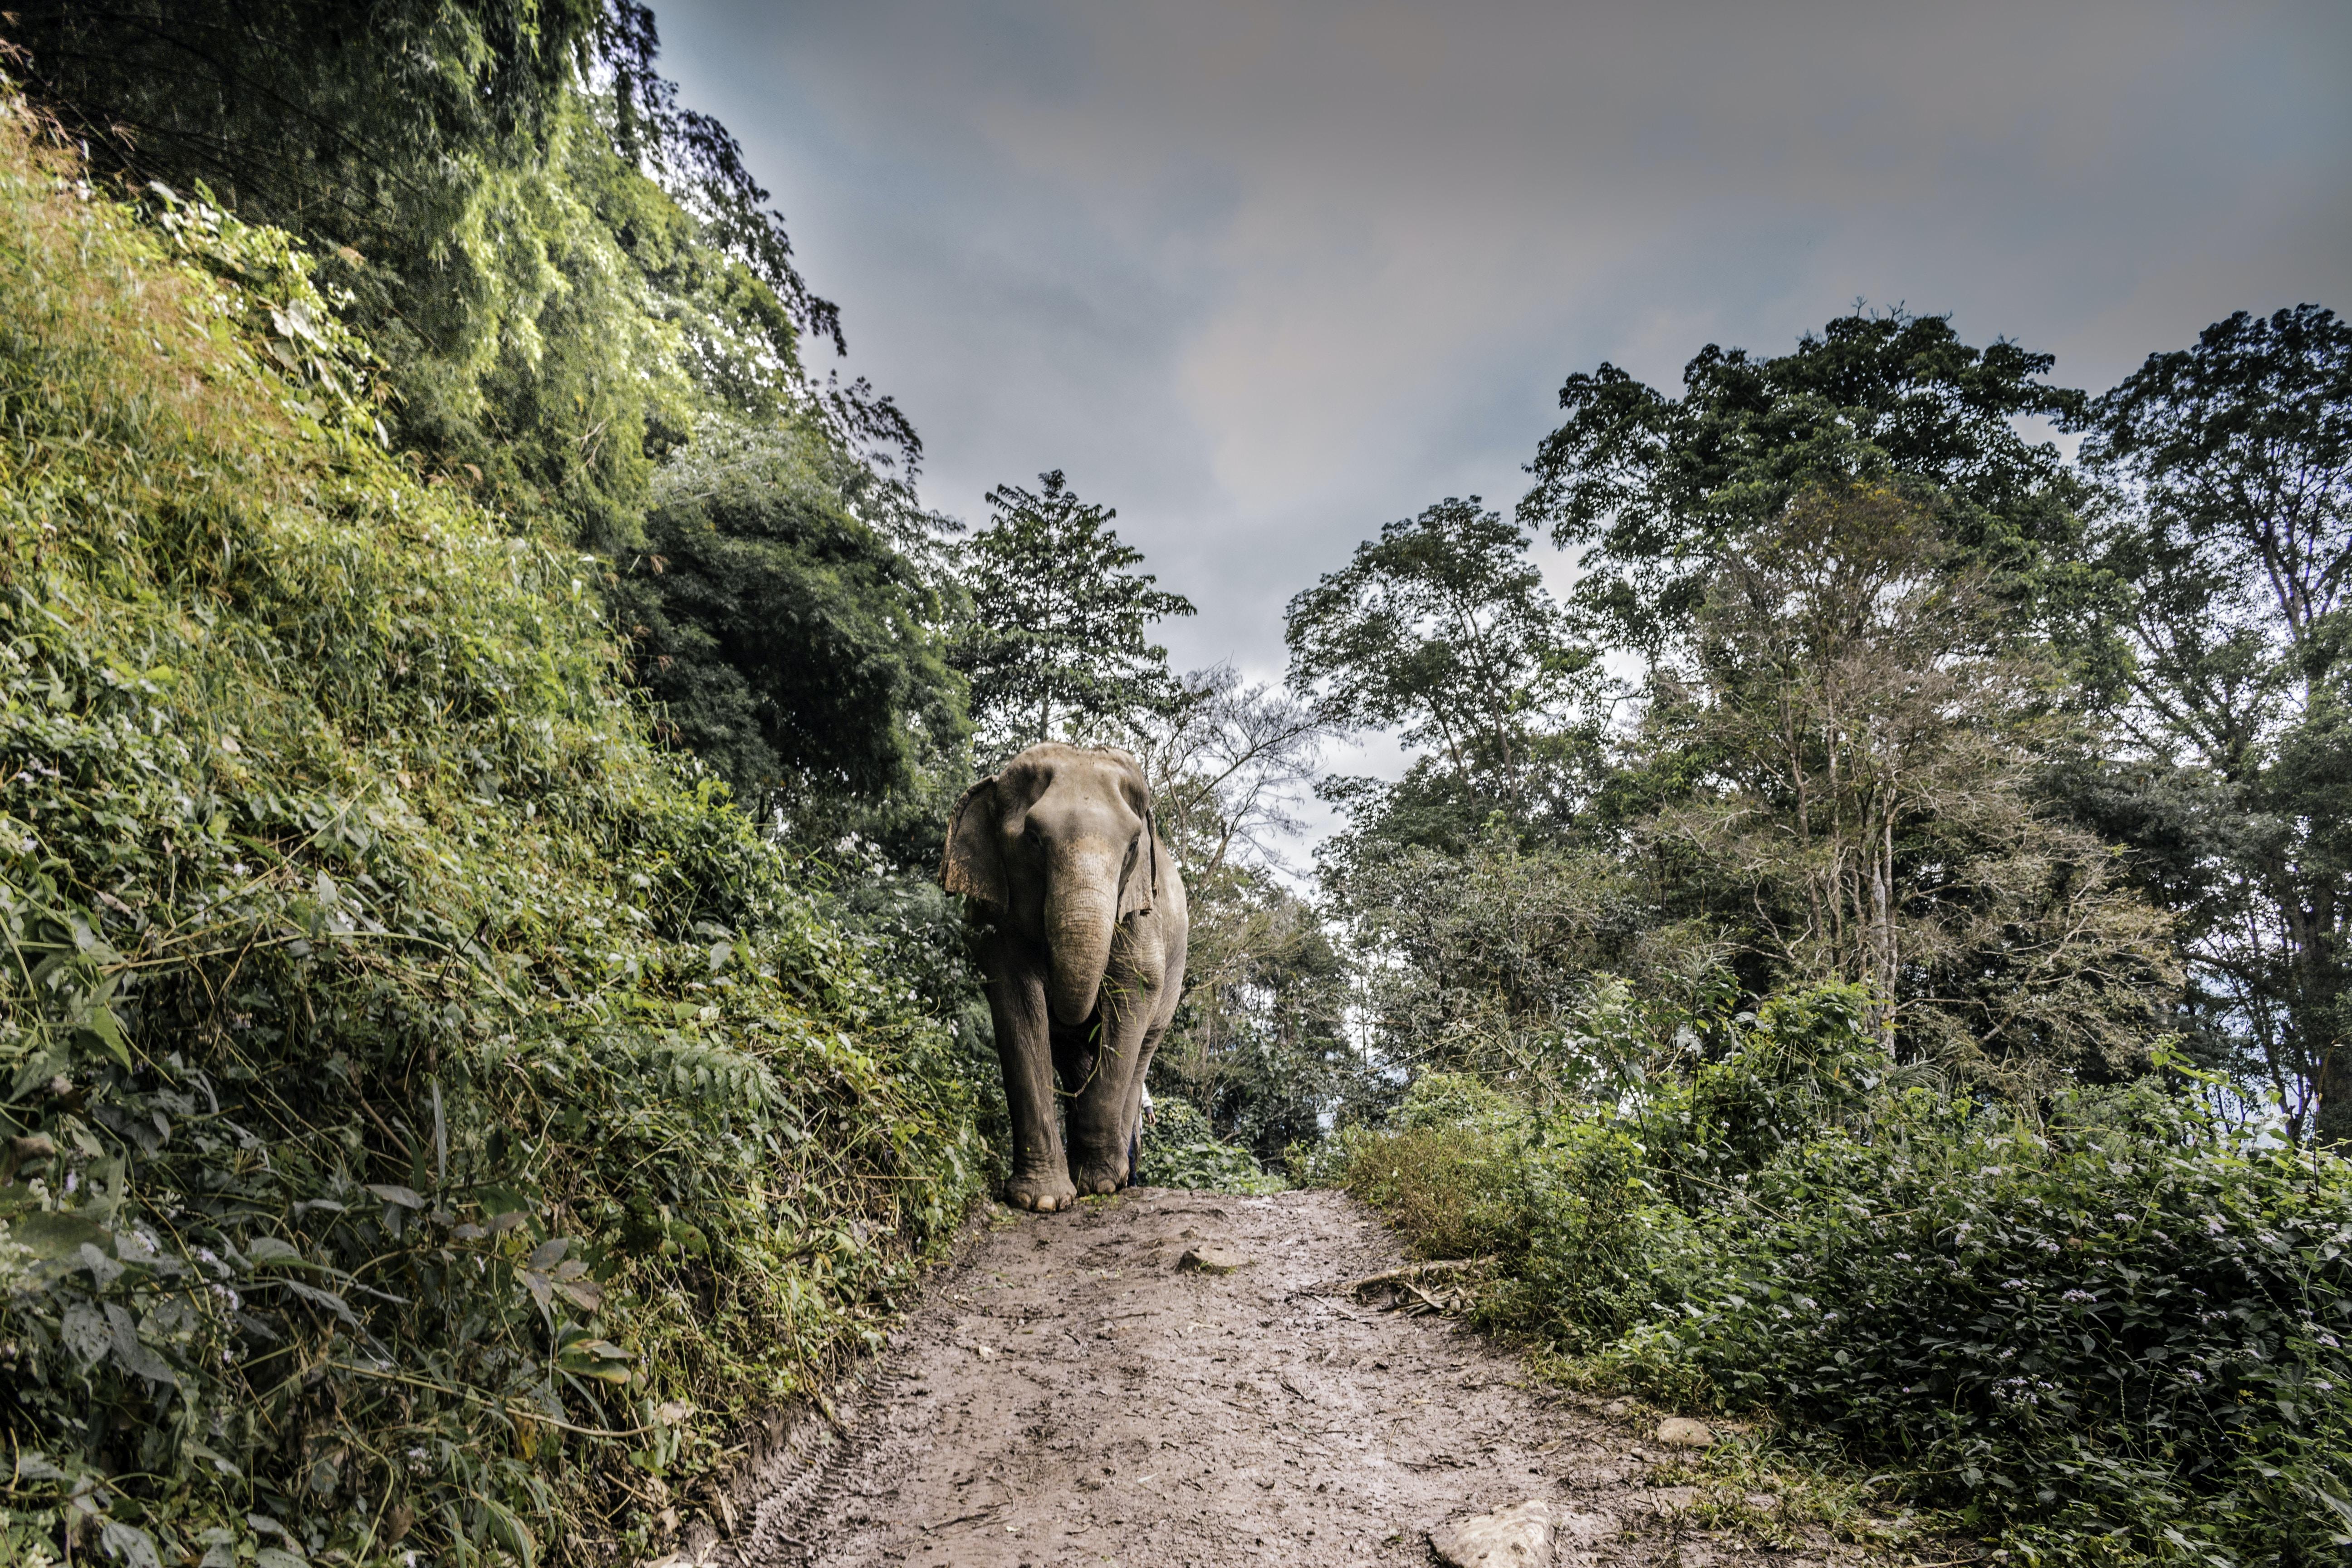 brown elephant walking at middle of walkway beside tree